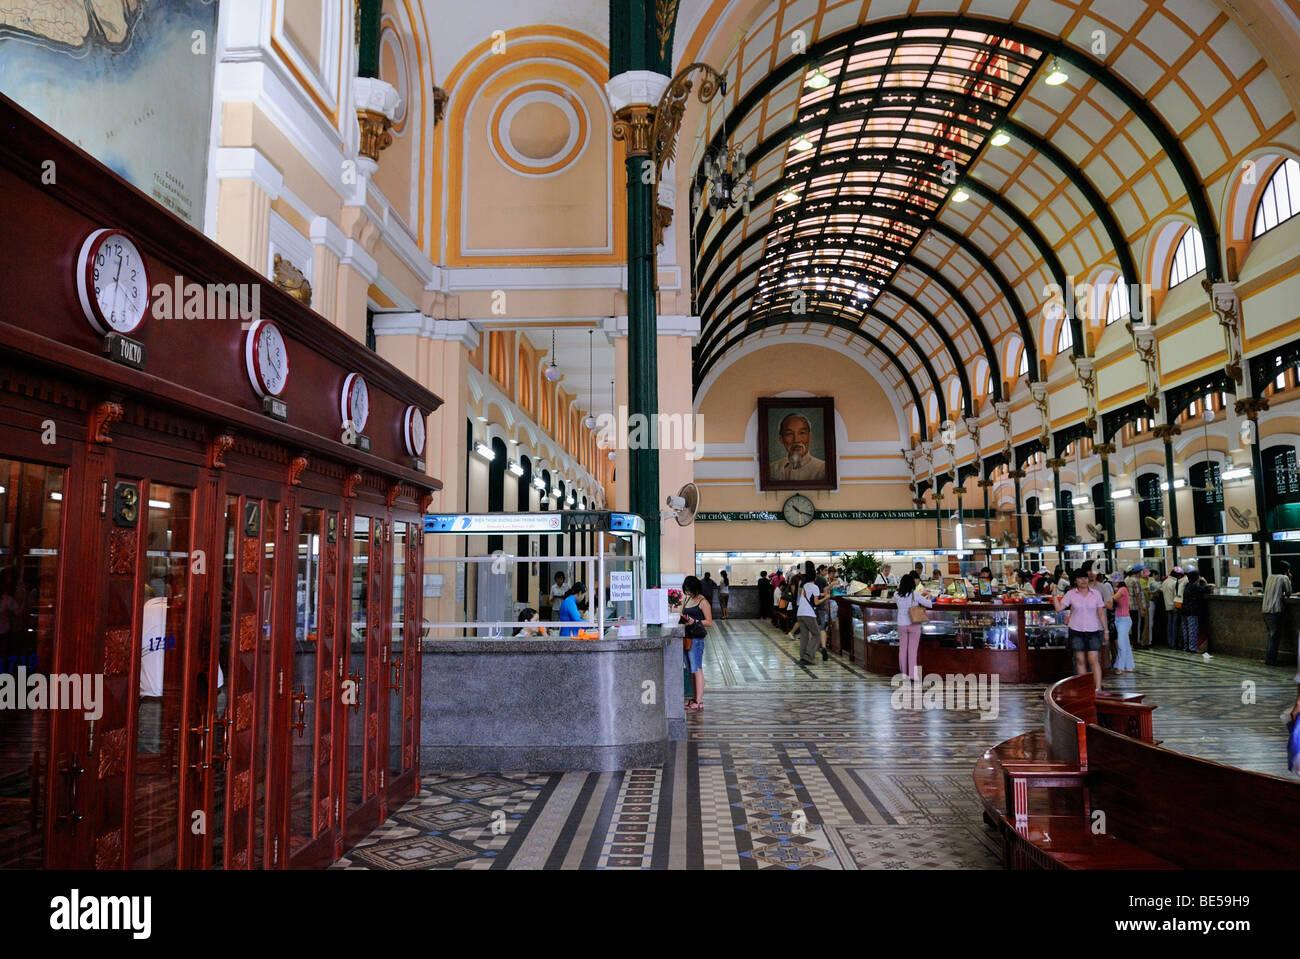 Edificio colonial francés, interieur de la oficina principal de correos, Saigon, Ho Chi Minh, Vietnam, Asia Foto de stock